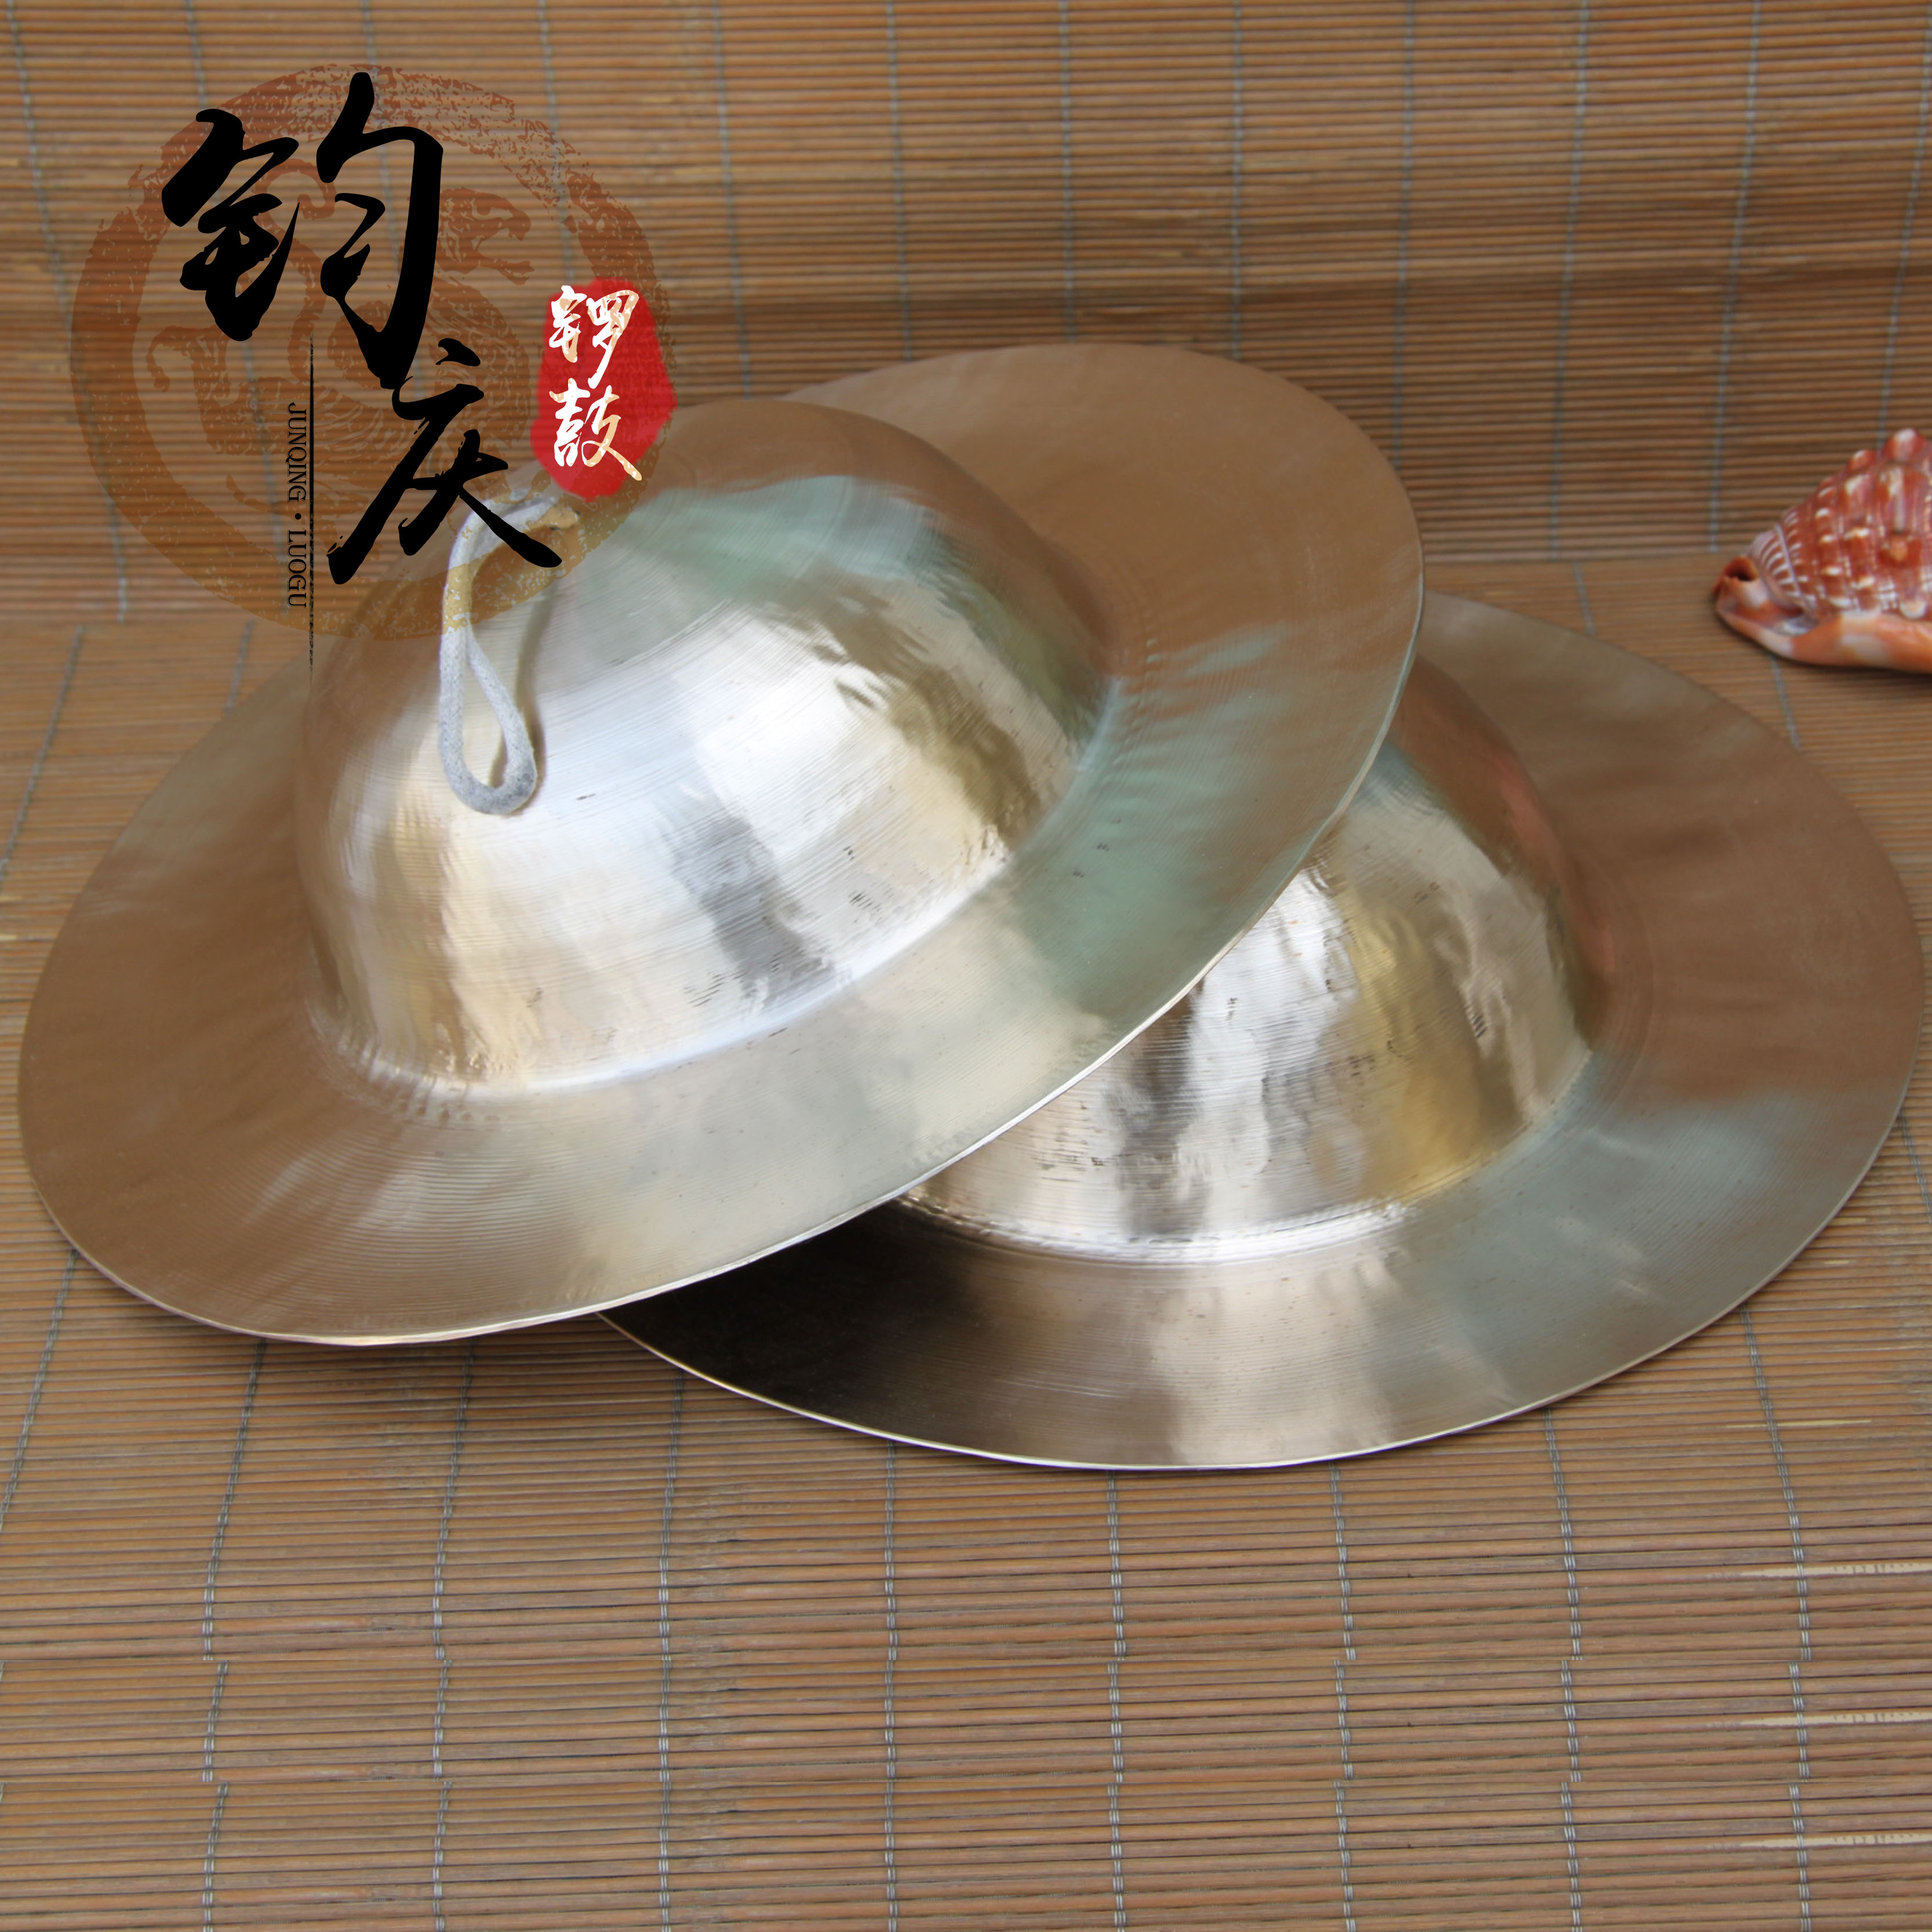 Гонг барабан 30 см 大 镲 24 большая крышка 镲 40 см река тарелки масса 镲 большой медь тарелки бесплатная доставка медь тарелки